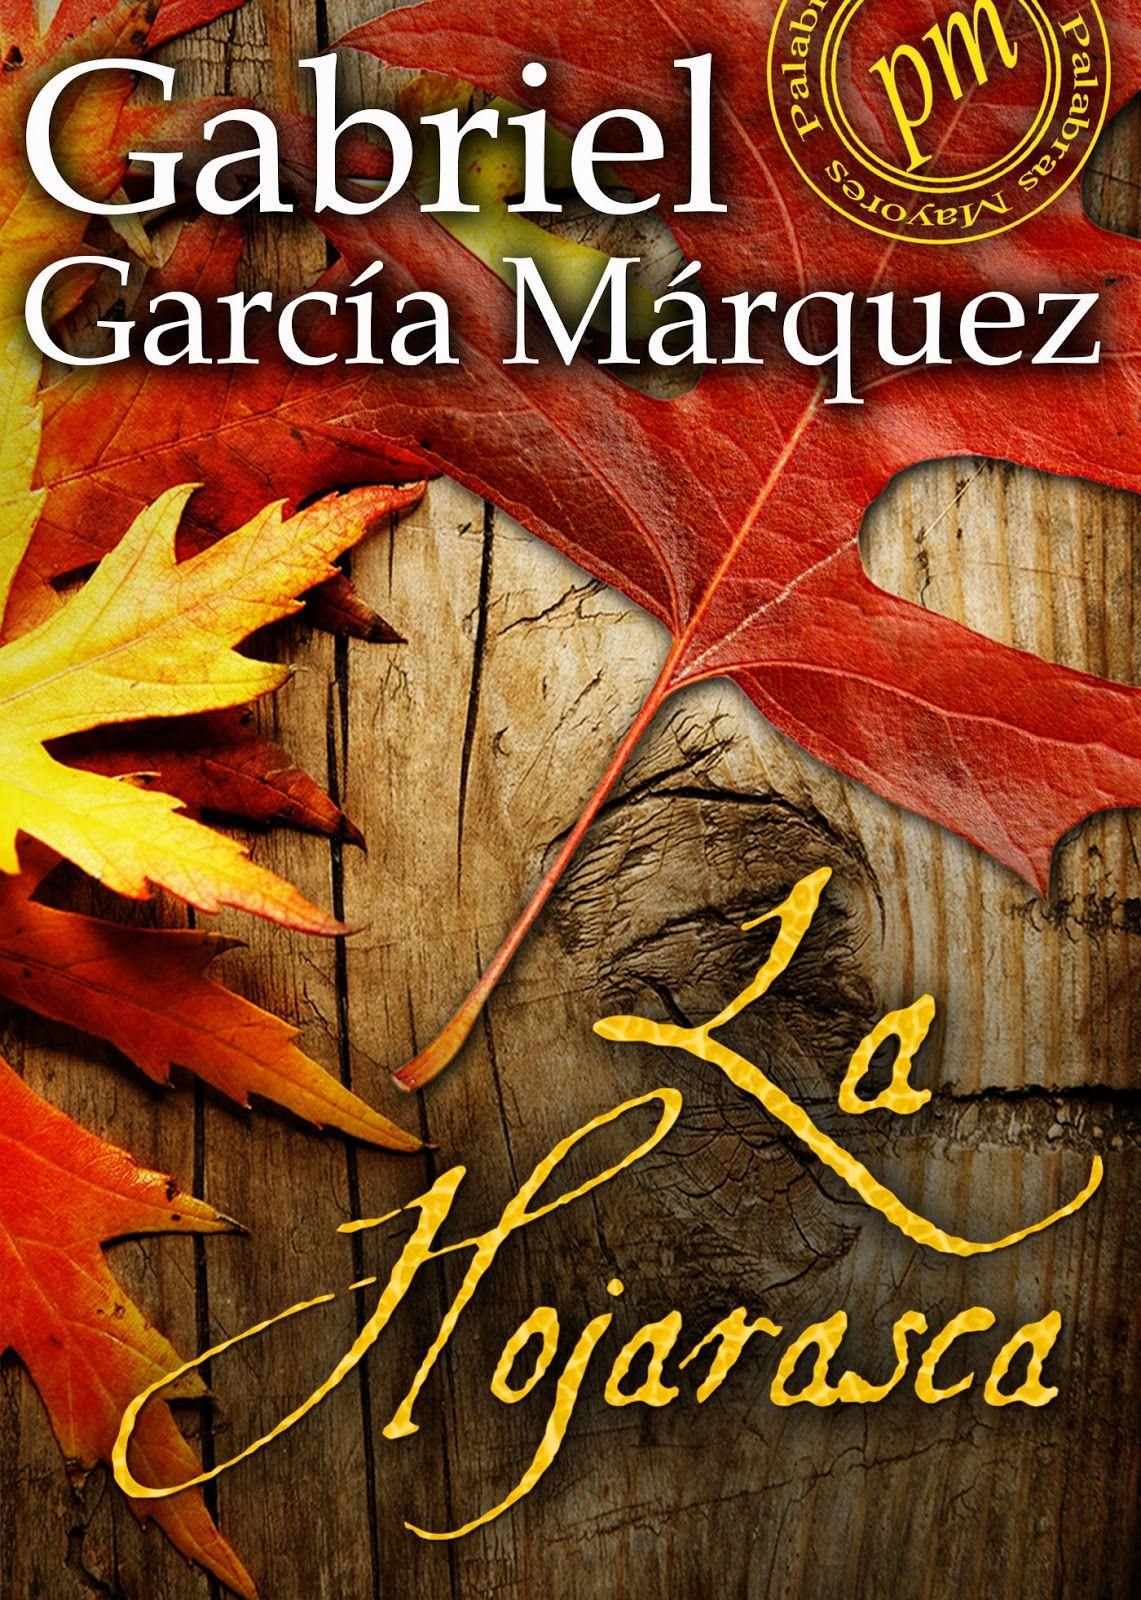 10 Libros De Gabriel Garcia Marquez En Pdf Para Descargar Gratuitamente El Espejo Diario Libros De Garcia Marquez Libros Gabriel Garcia Marquez